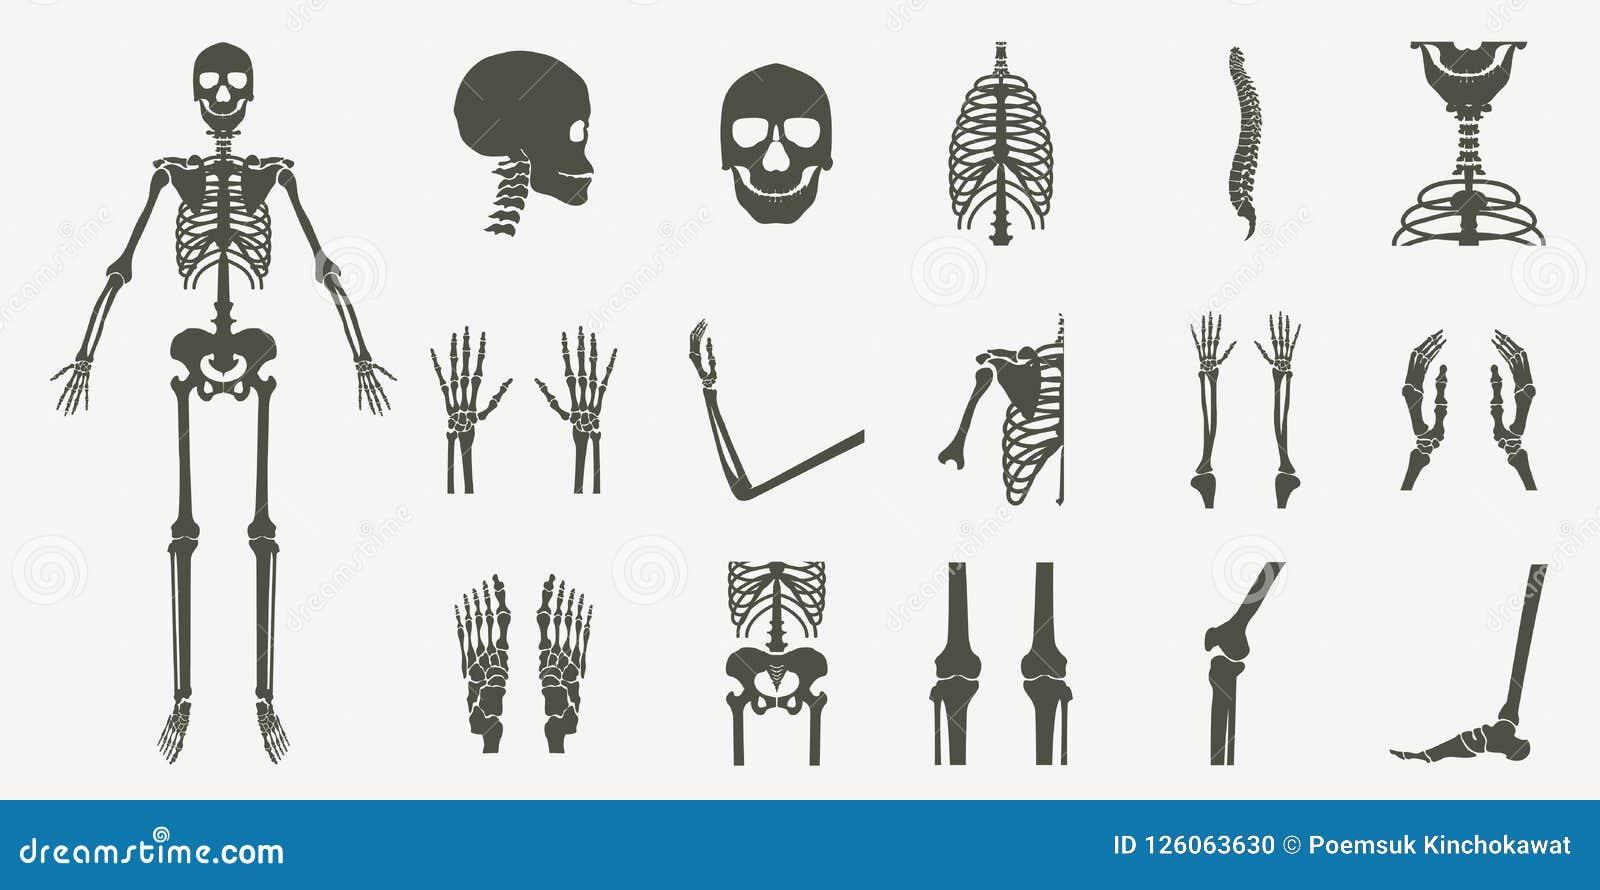 Ludzkie kości ortopedyczne i zredukowana sylwetka